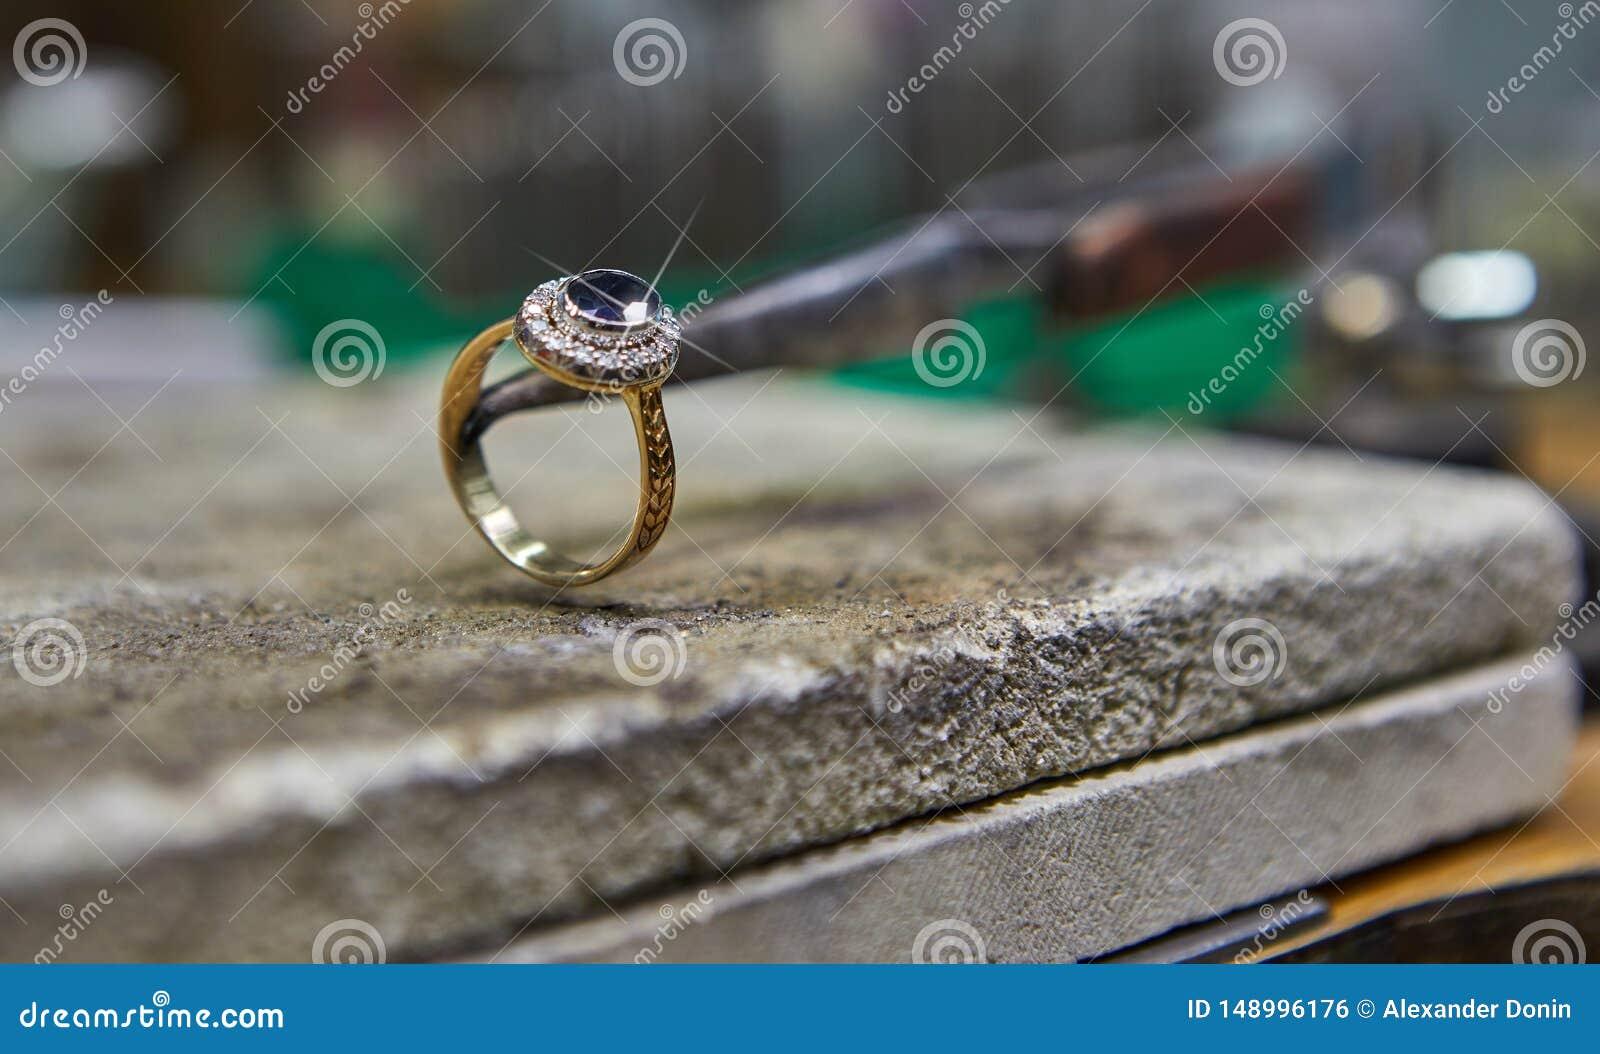 Продукция ювелирных изделий Ювелир делает кольцо золота